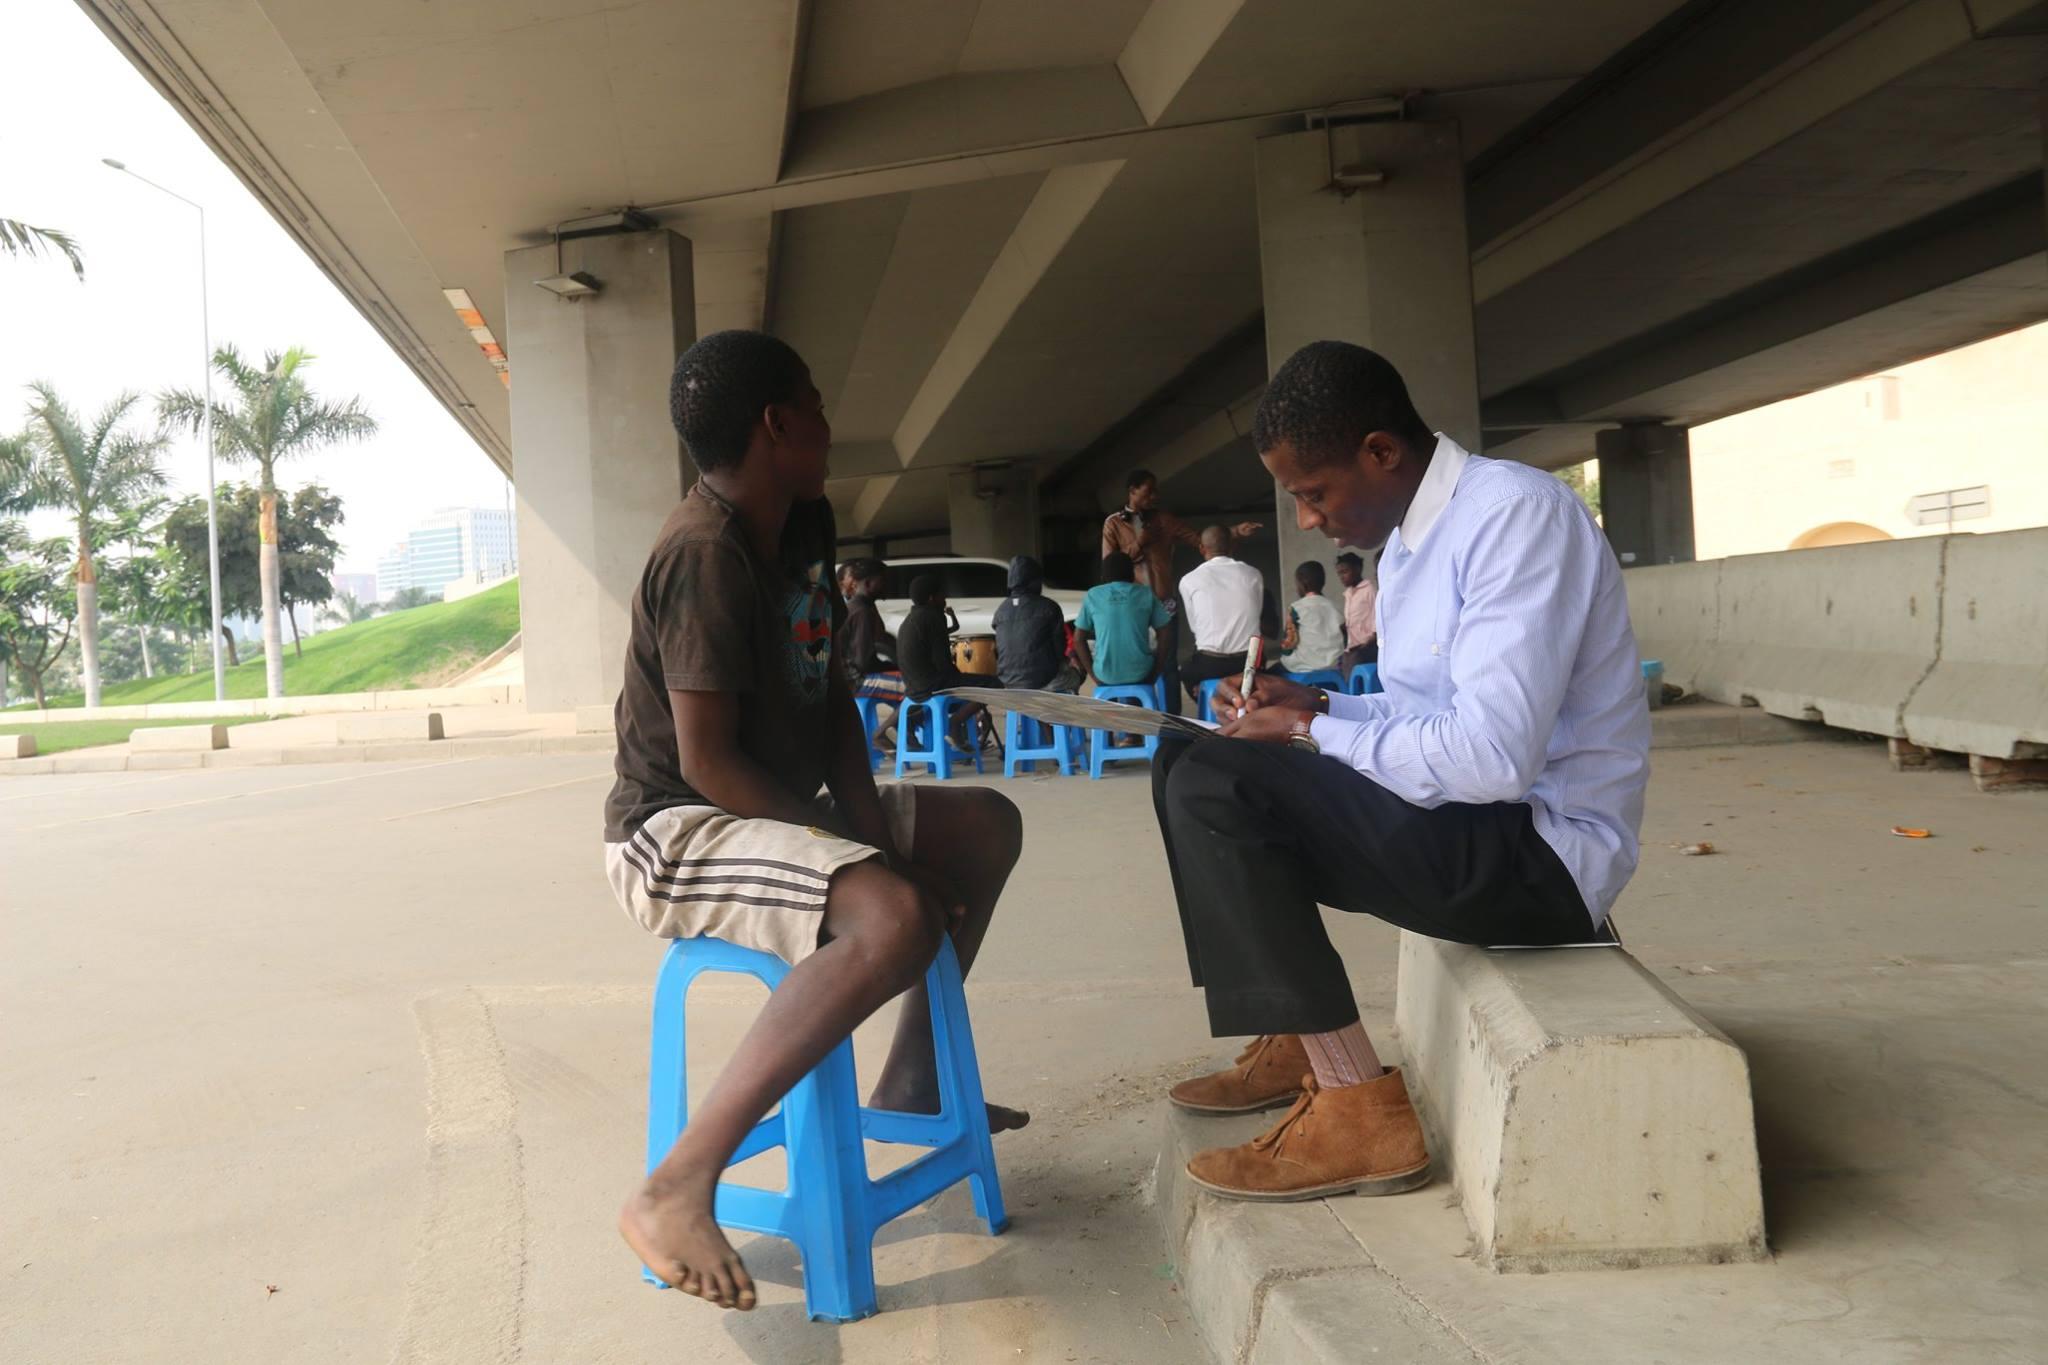 בית לחיים – הדרך הטובה באנגולה: שבייר נרסיסו, מנהל התכנית, בשיחה עם אחד החניכים.